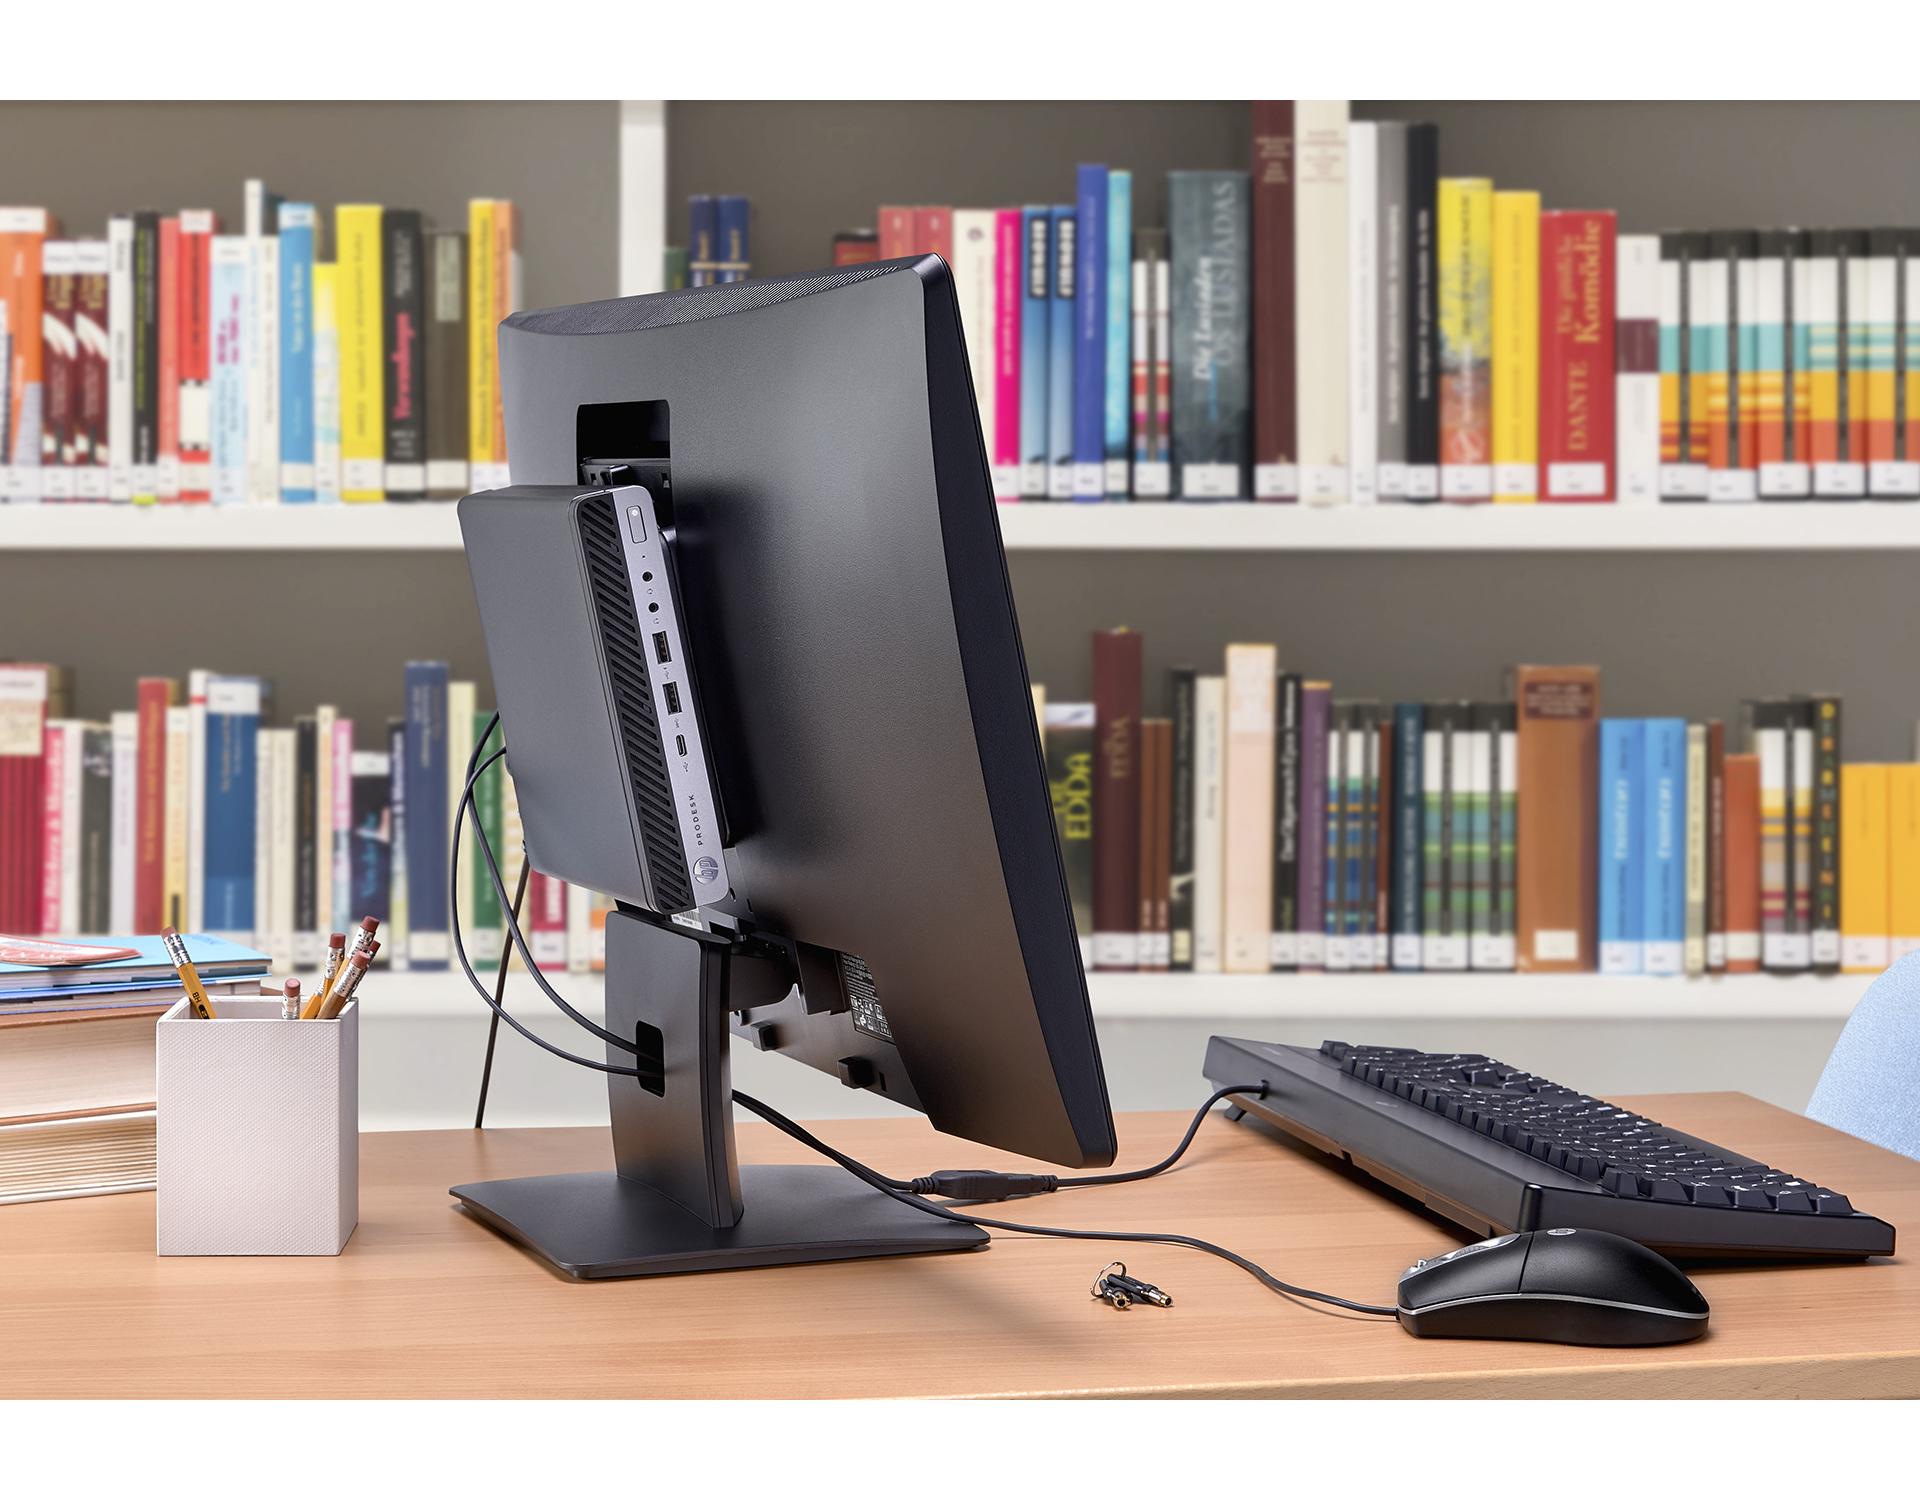 HP ProDesk 400 G3 DM - デスクトップパソコン | 日本HP